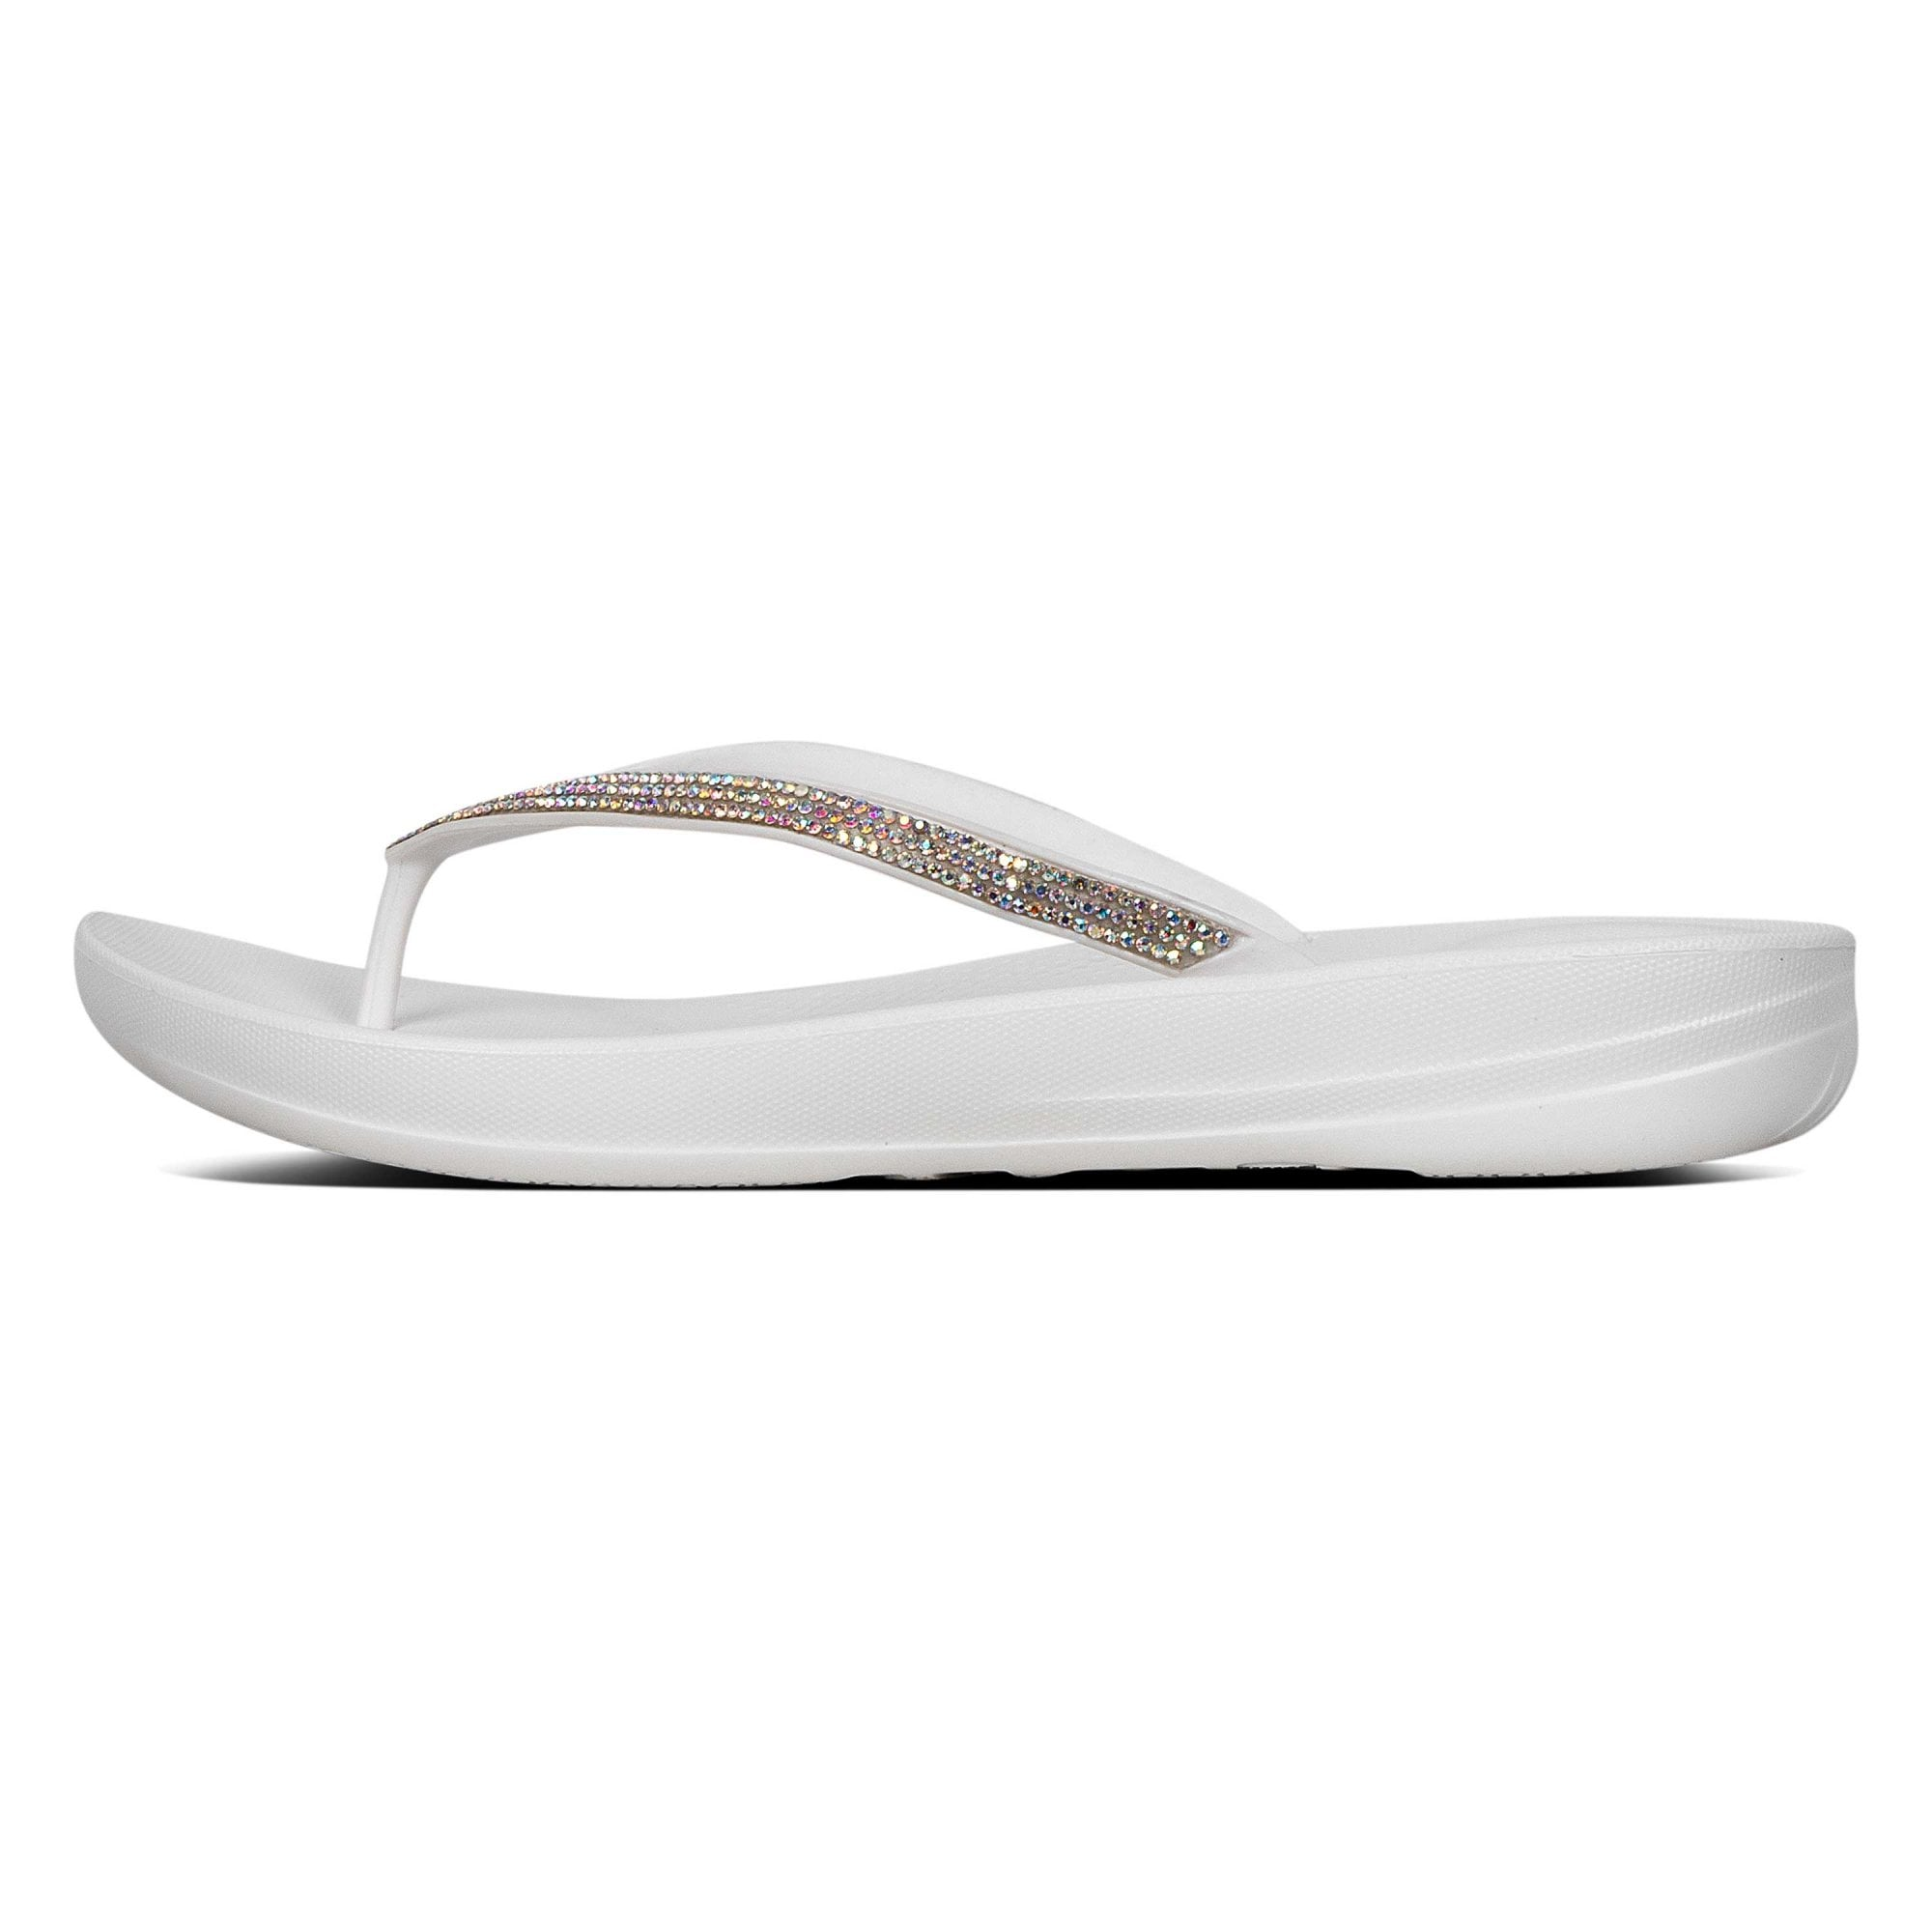 black flip flops with sparkles